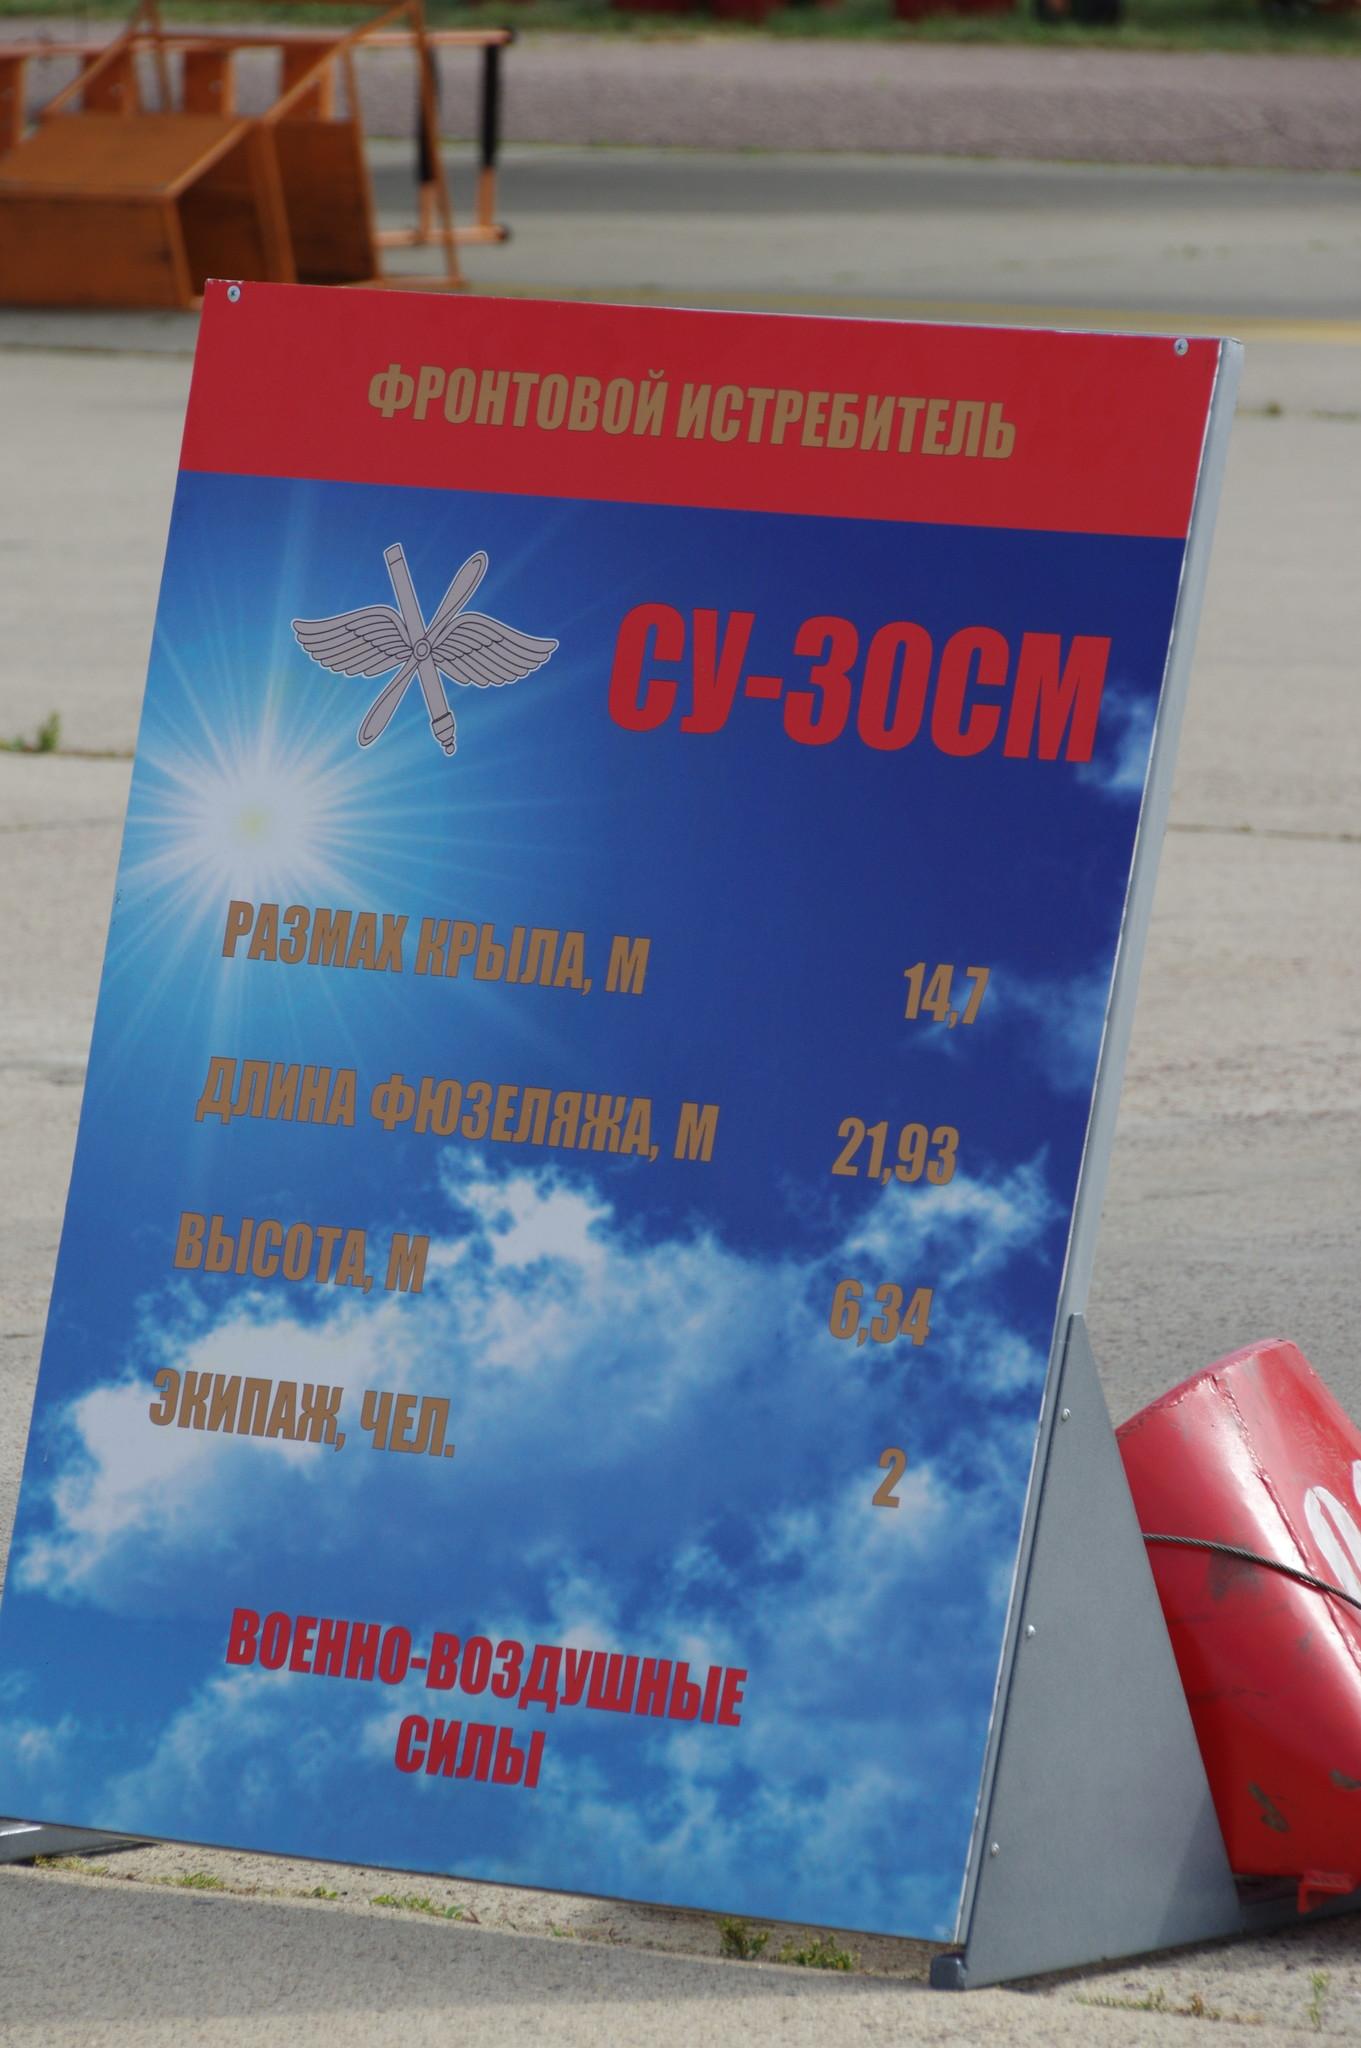 Двухместный фронтовой истребитель Су-30СМ